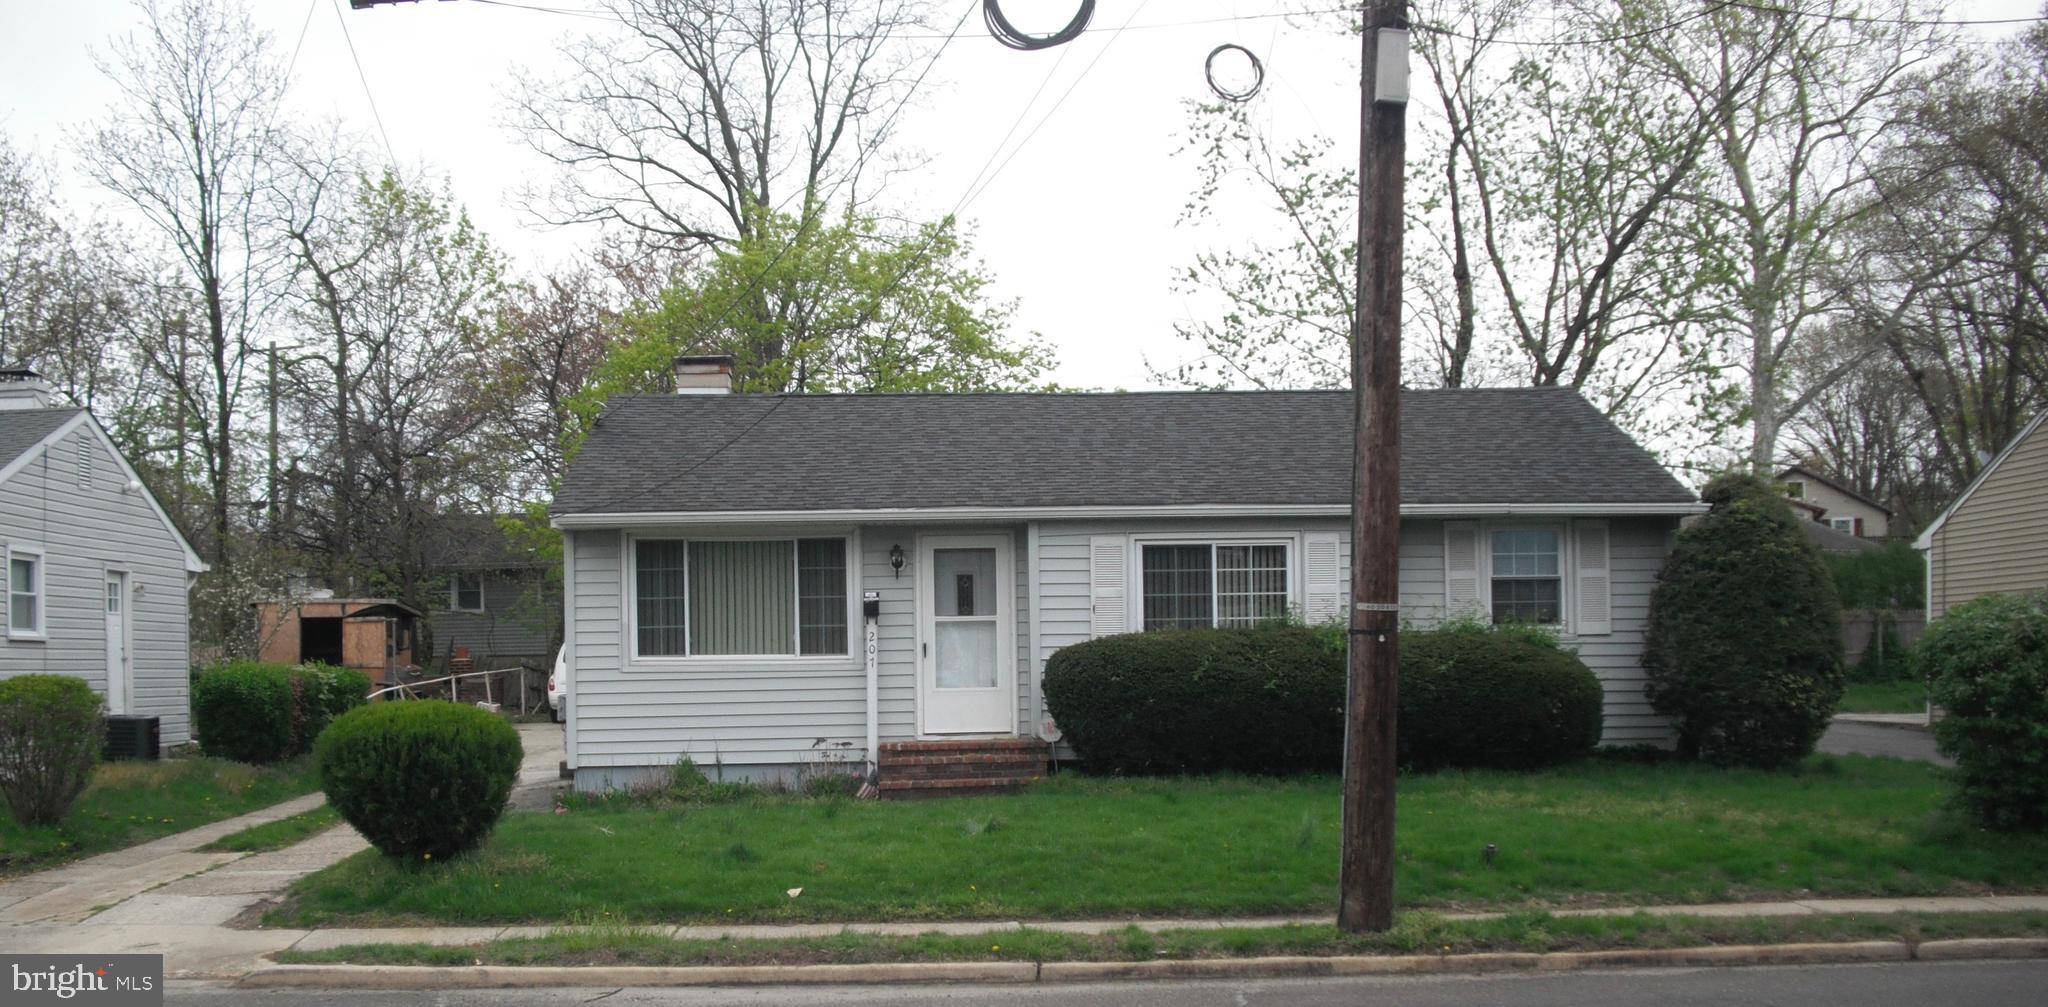 207 S. WARWICK ROAD, LAWNSIDE, NJ 08045